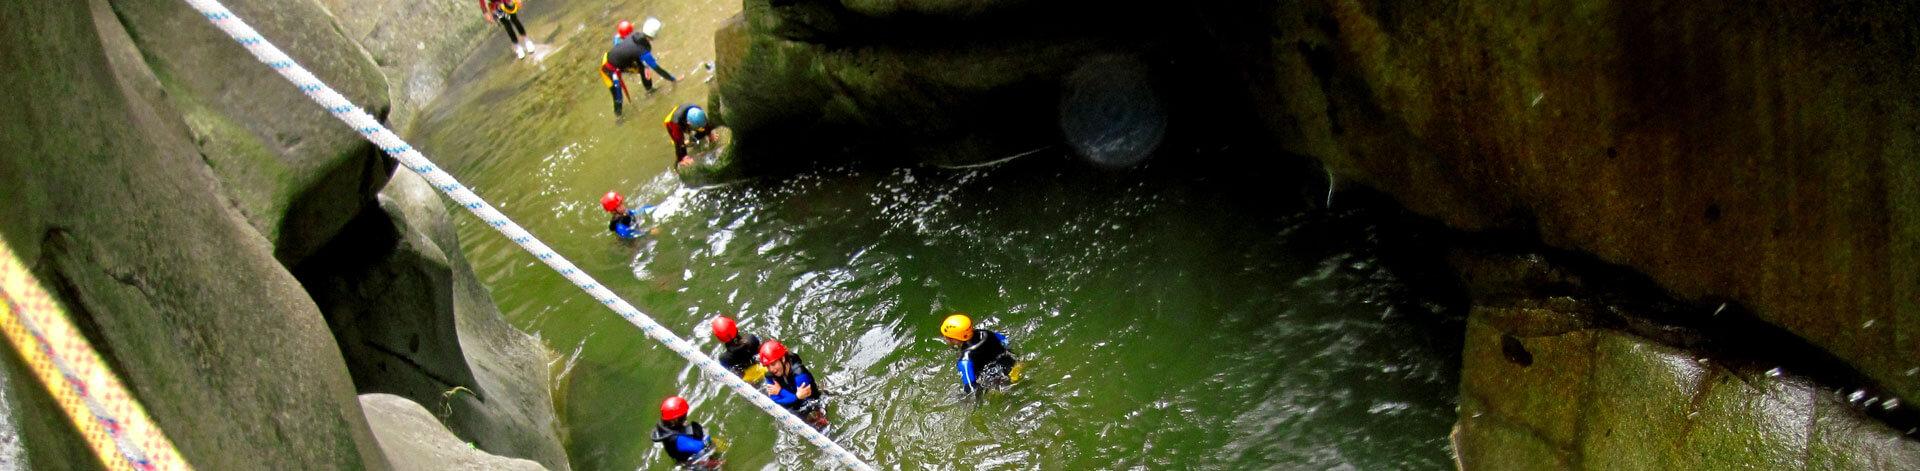 Canyoning en eaux chaudes 66 Perpignan